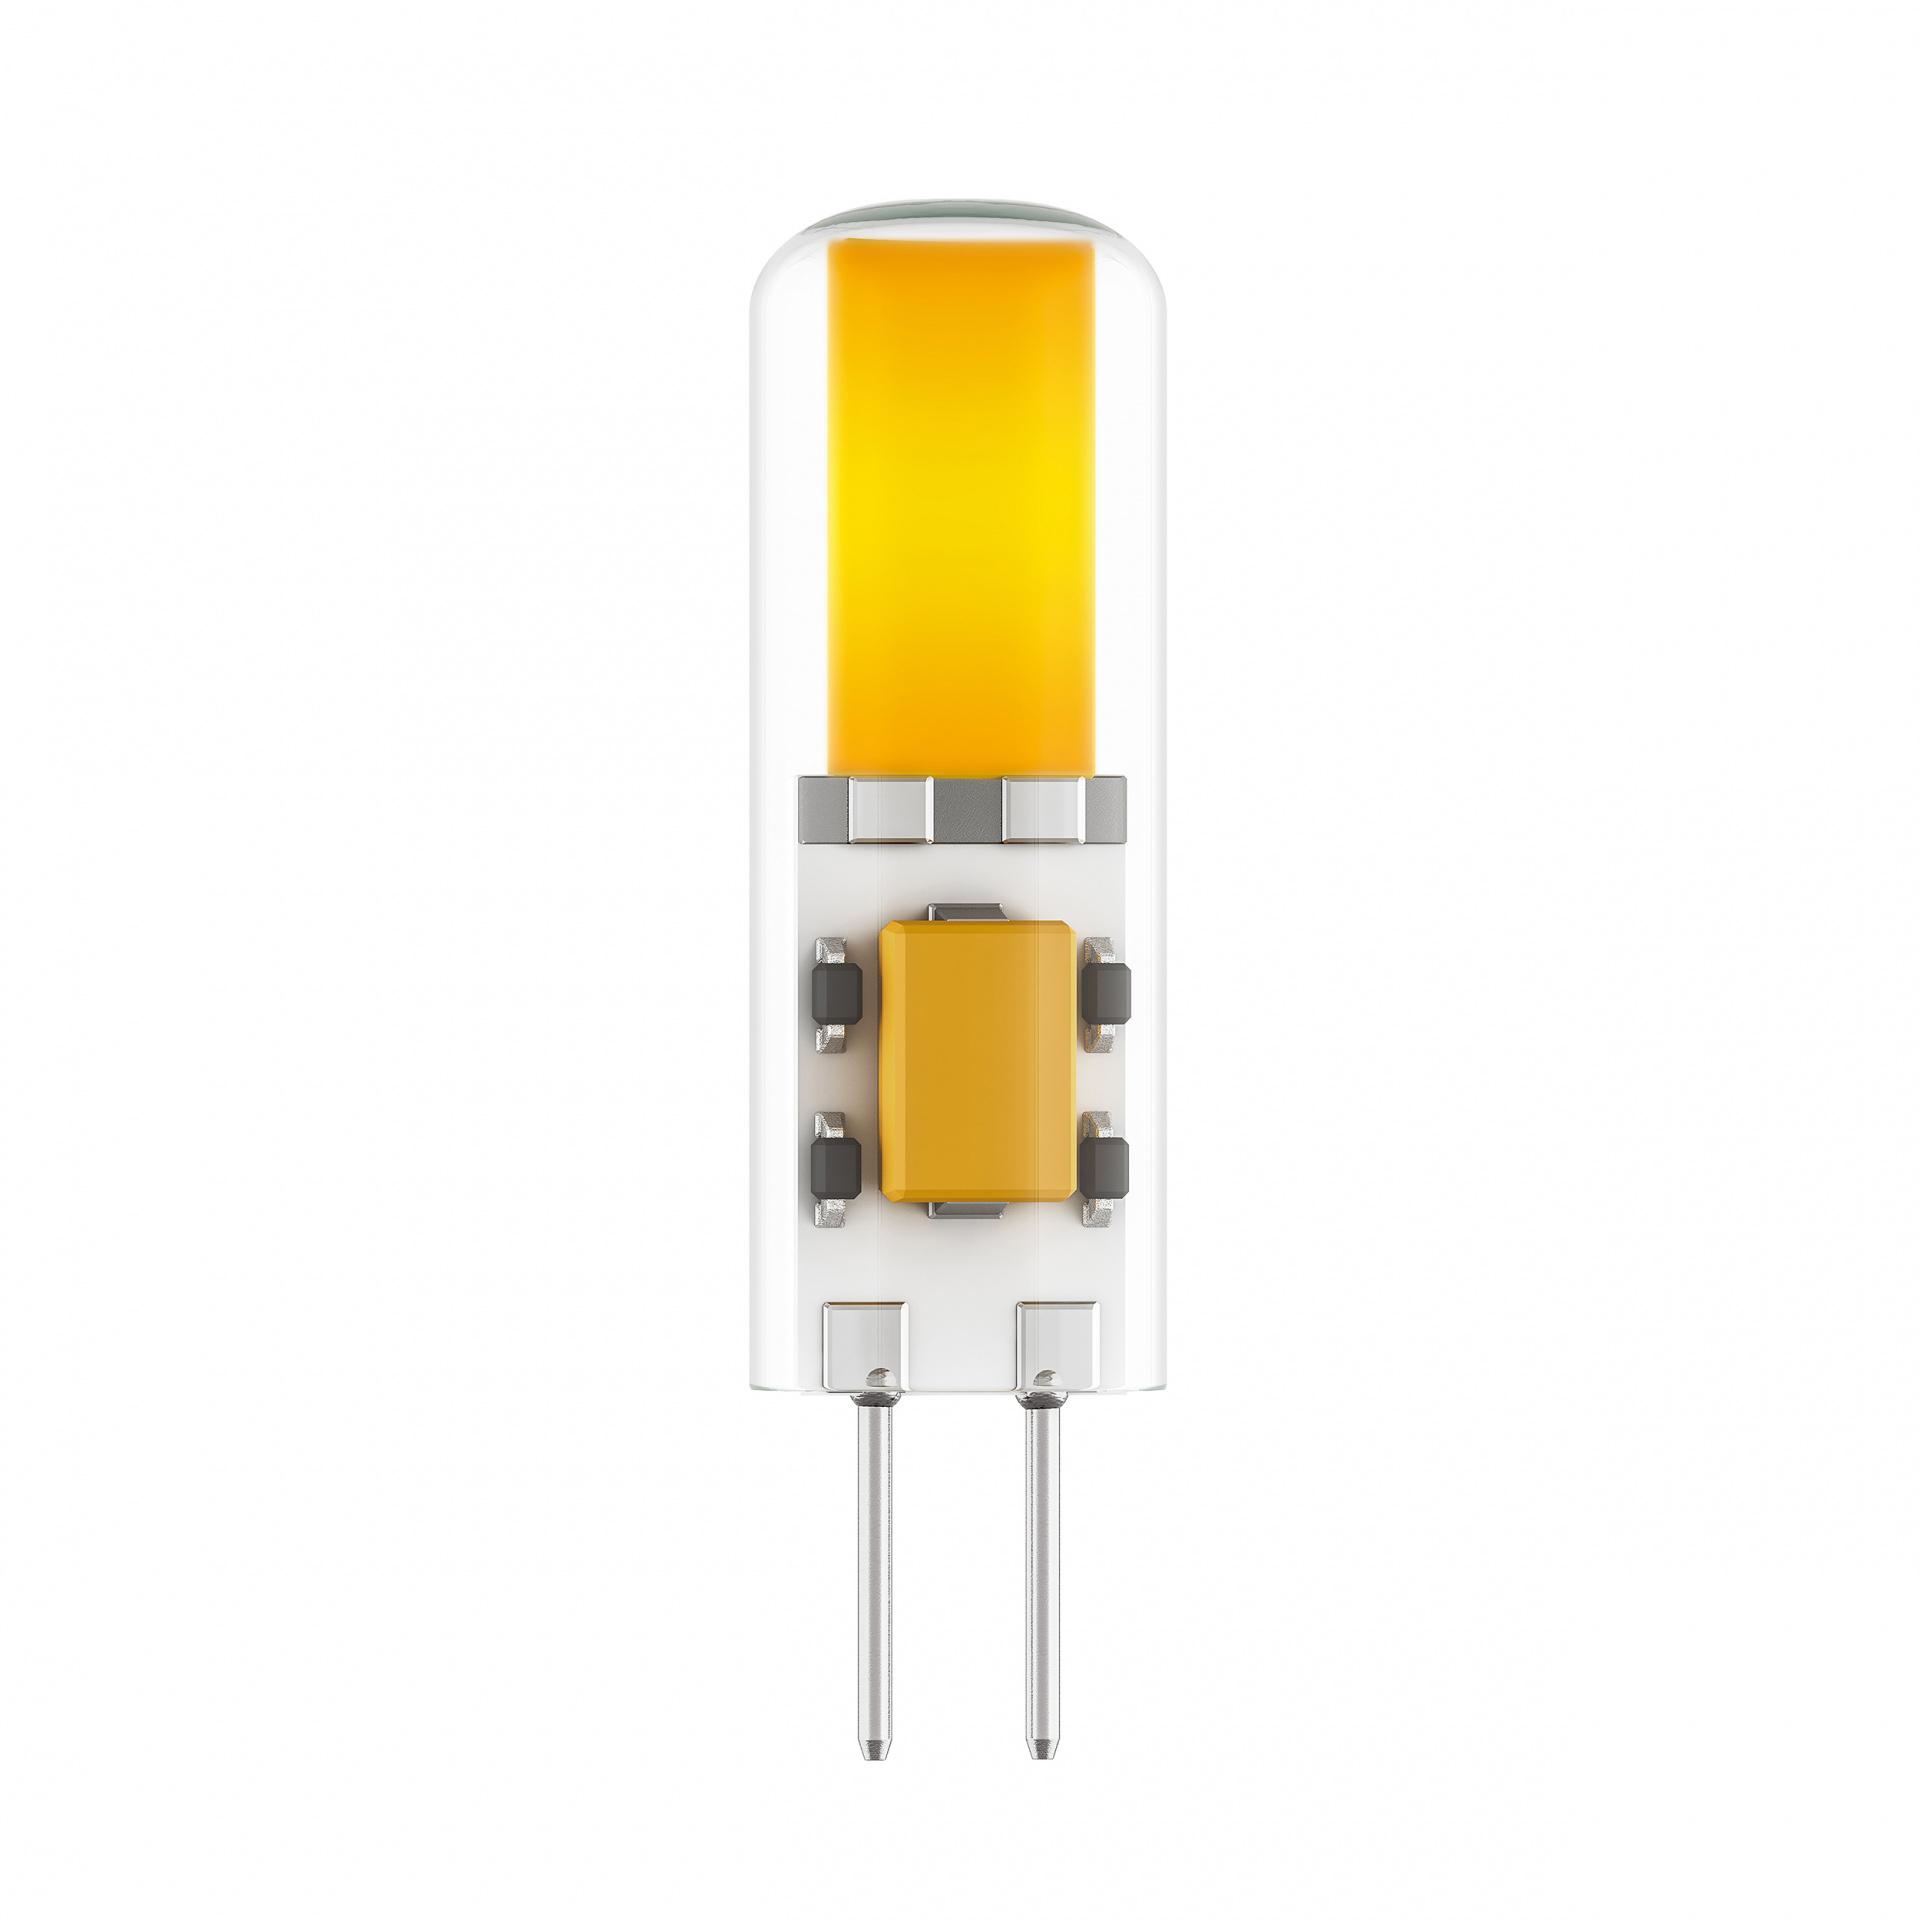 Лампа LED 12V JC G4 3W=30W 150±30LM 360G 3000K 20000H Lightstar 940402, купить в СПб, Москве, с доставкой, Санкт-Петербург, интернет-магазин люстр и светильников Starlight, фото в жизни